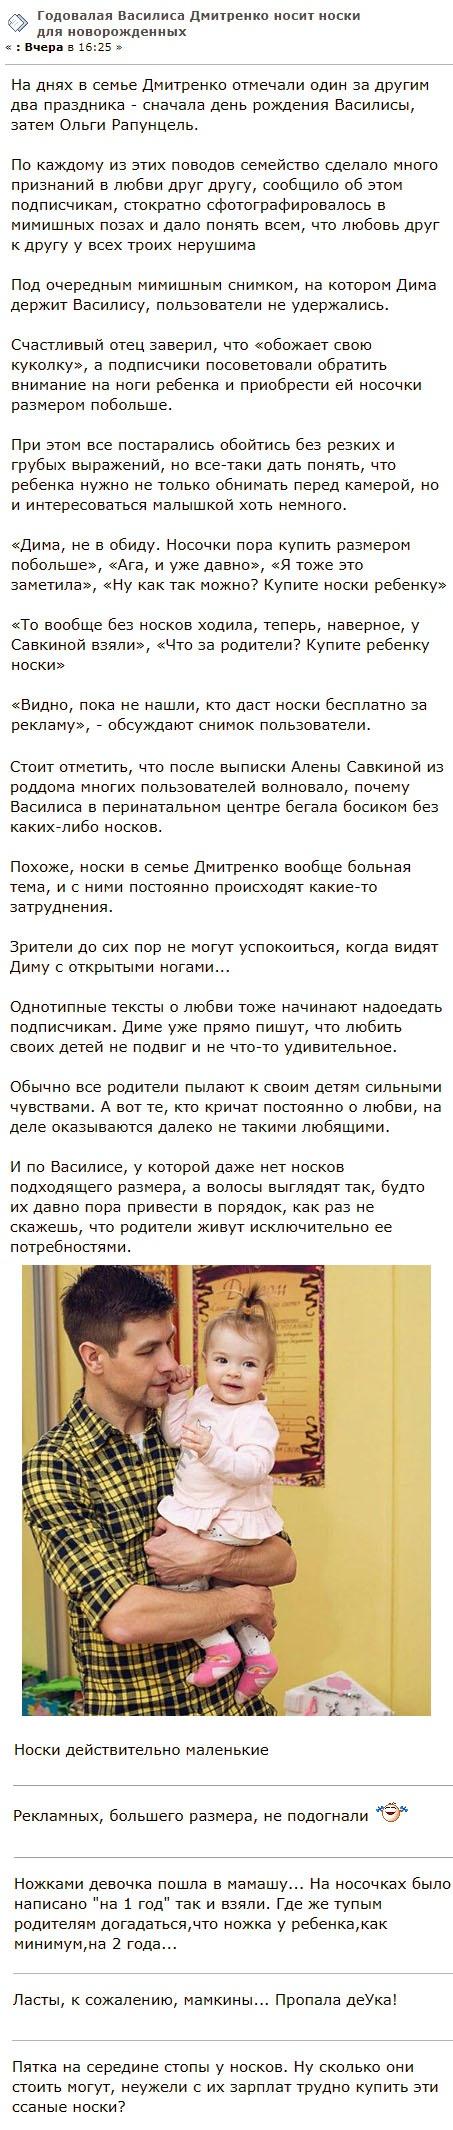 Ольга Рапунцель сильно экономит на собственной дочери